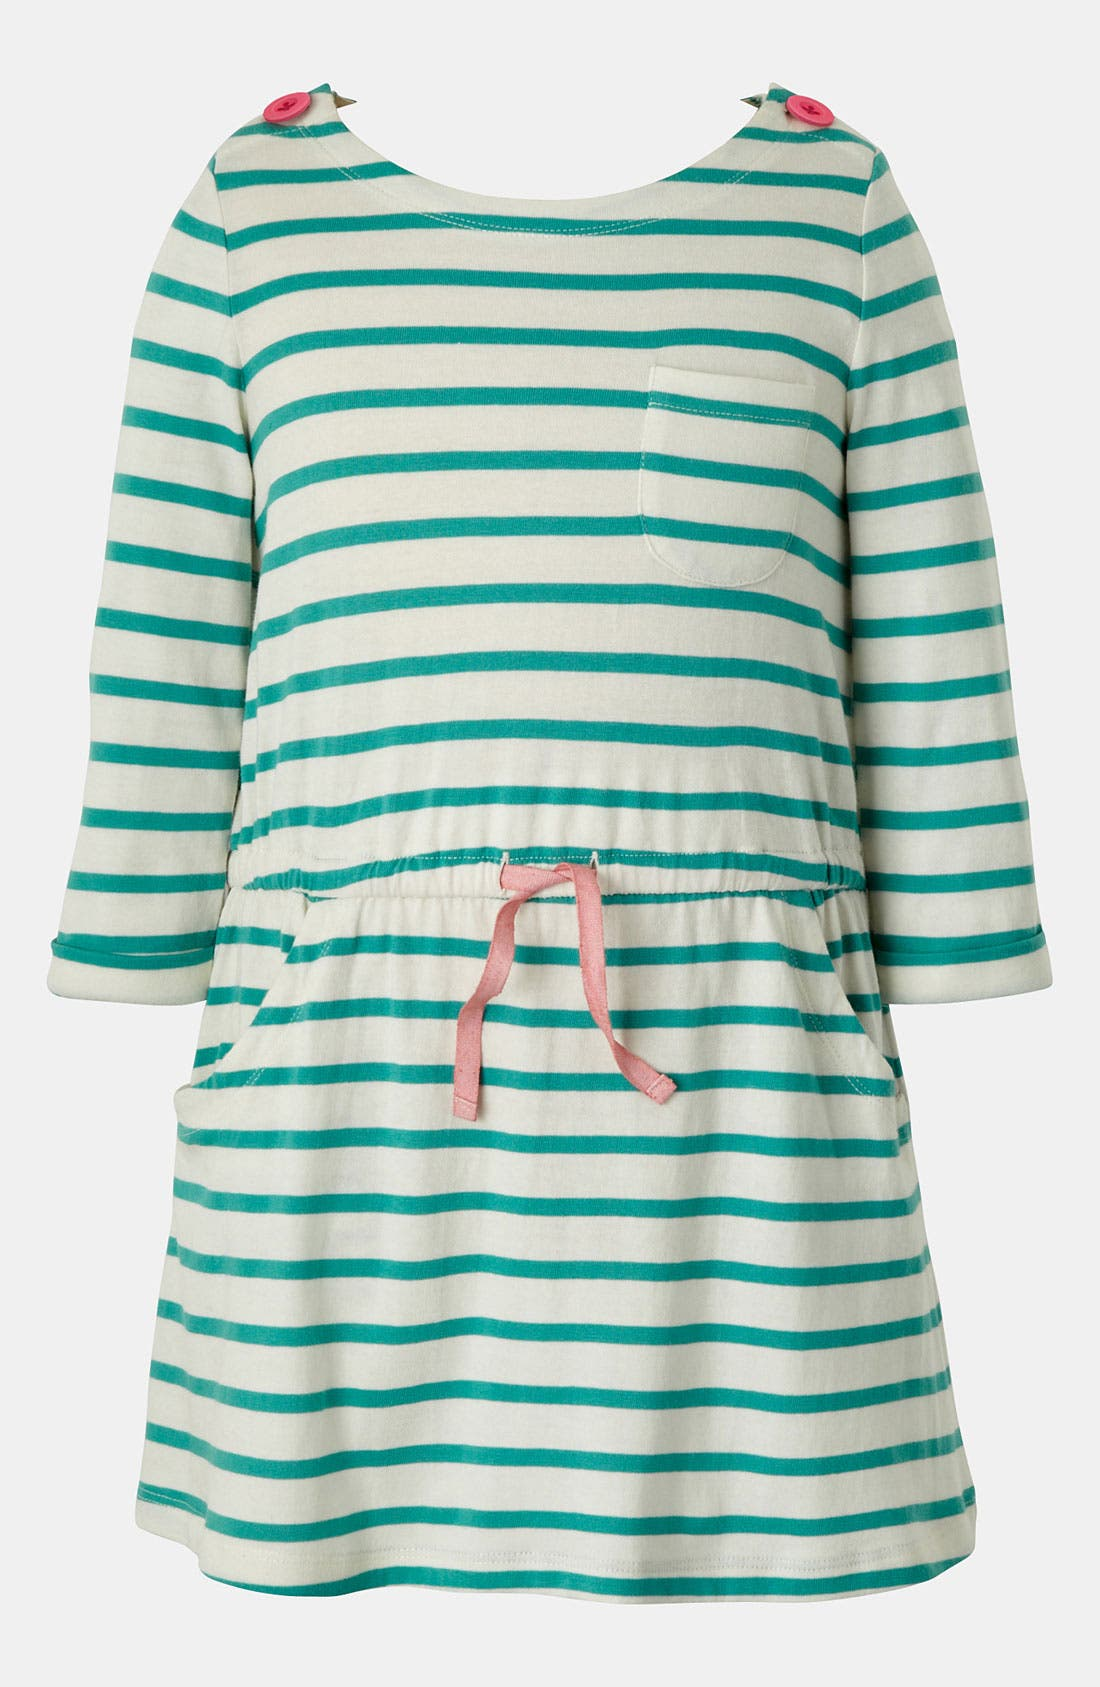 Alternate Image 1 Selected - Mini Boden Boat Neck Dress (Toddler, Little Girls & Big Girls)